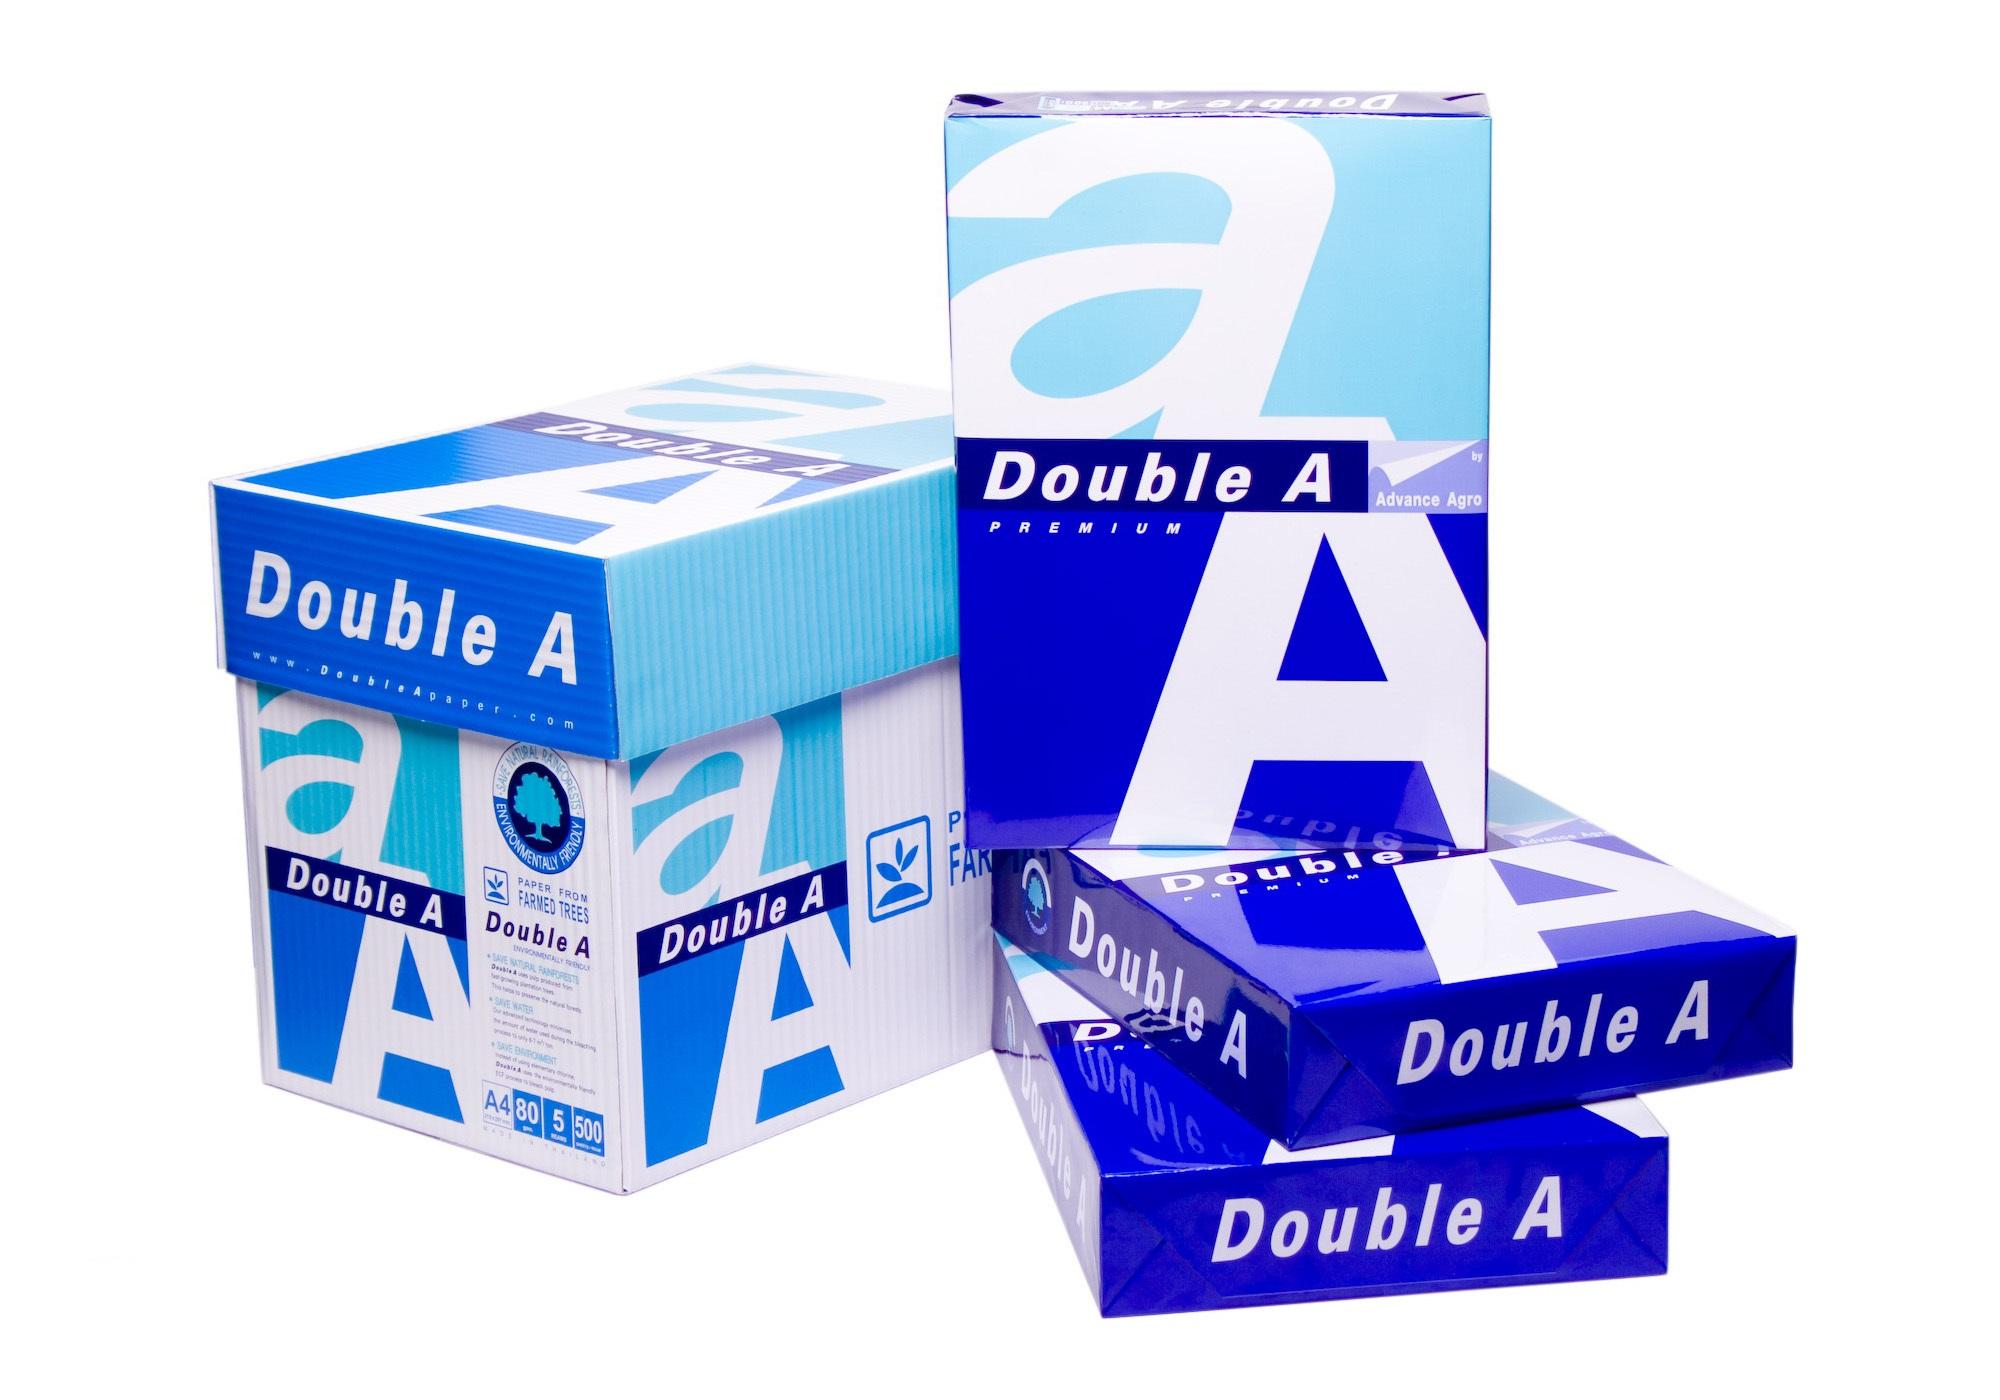 Double A A4 copy paper 80 GSM